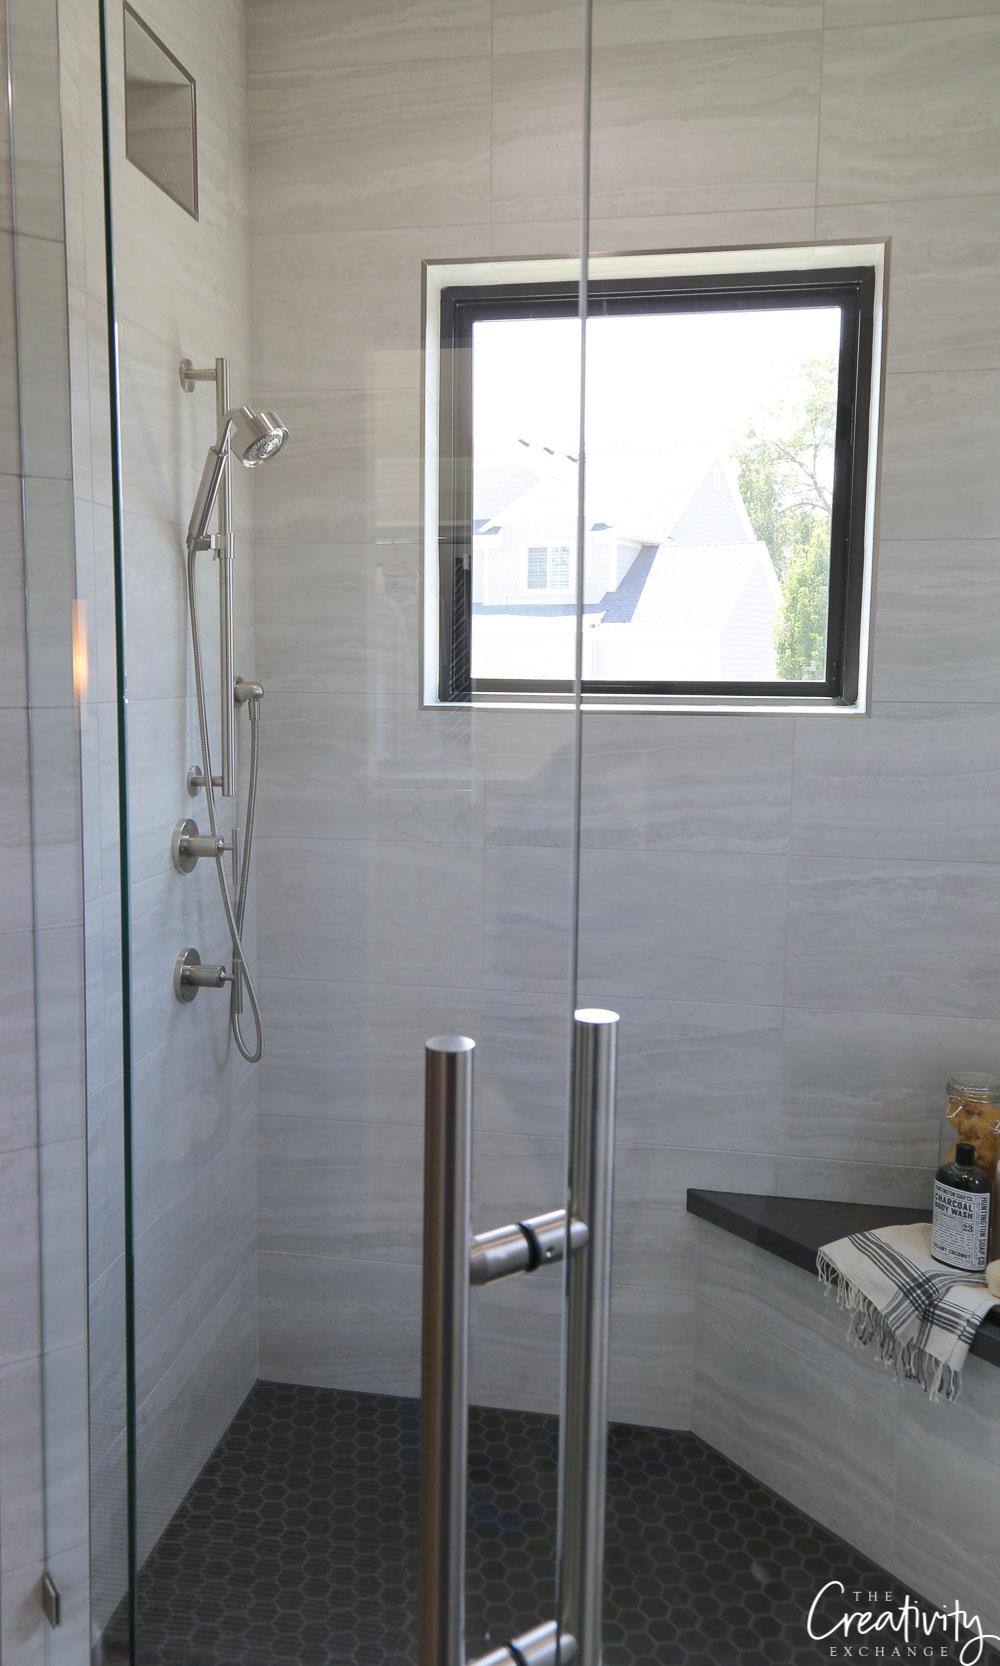 Inside of shower